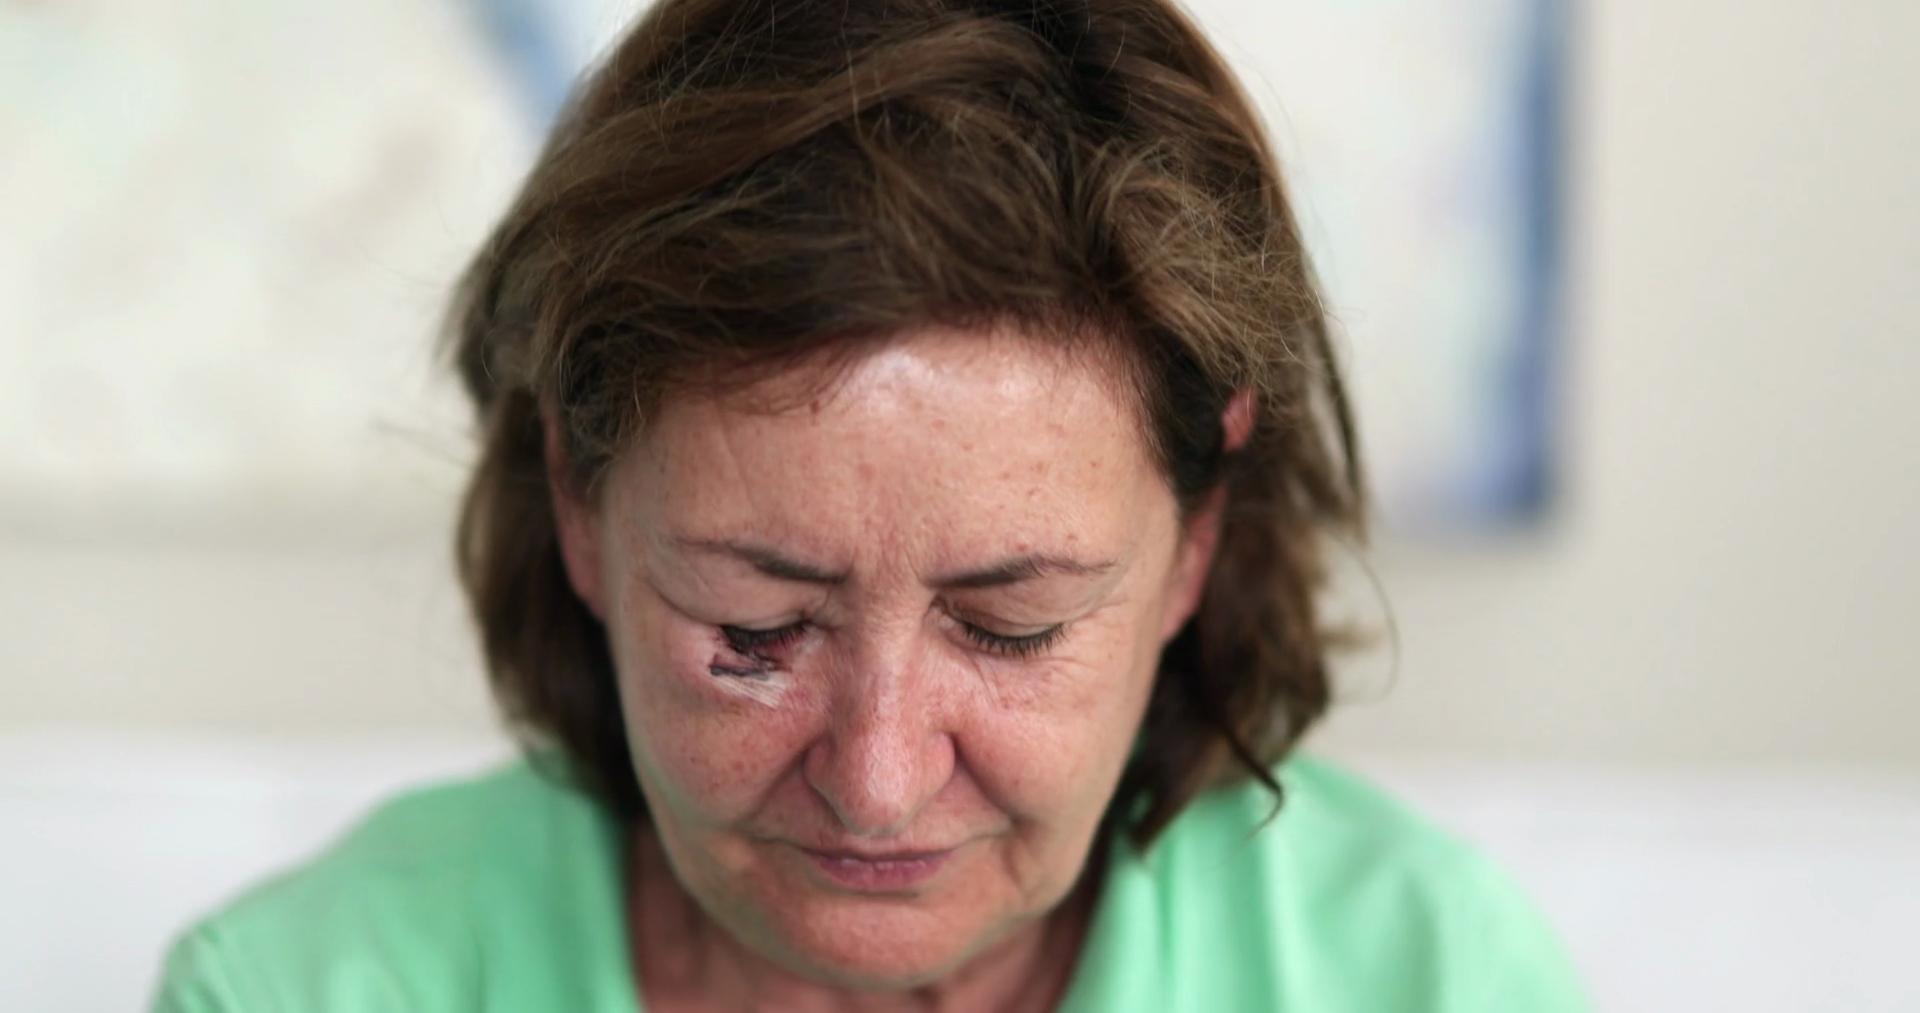 Aggressioni Professionisti Sanitari e Socio-Sanitari: fino a 16 anni di carcere e obblighi per Aziende!